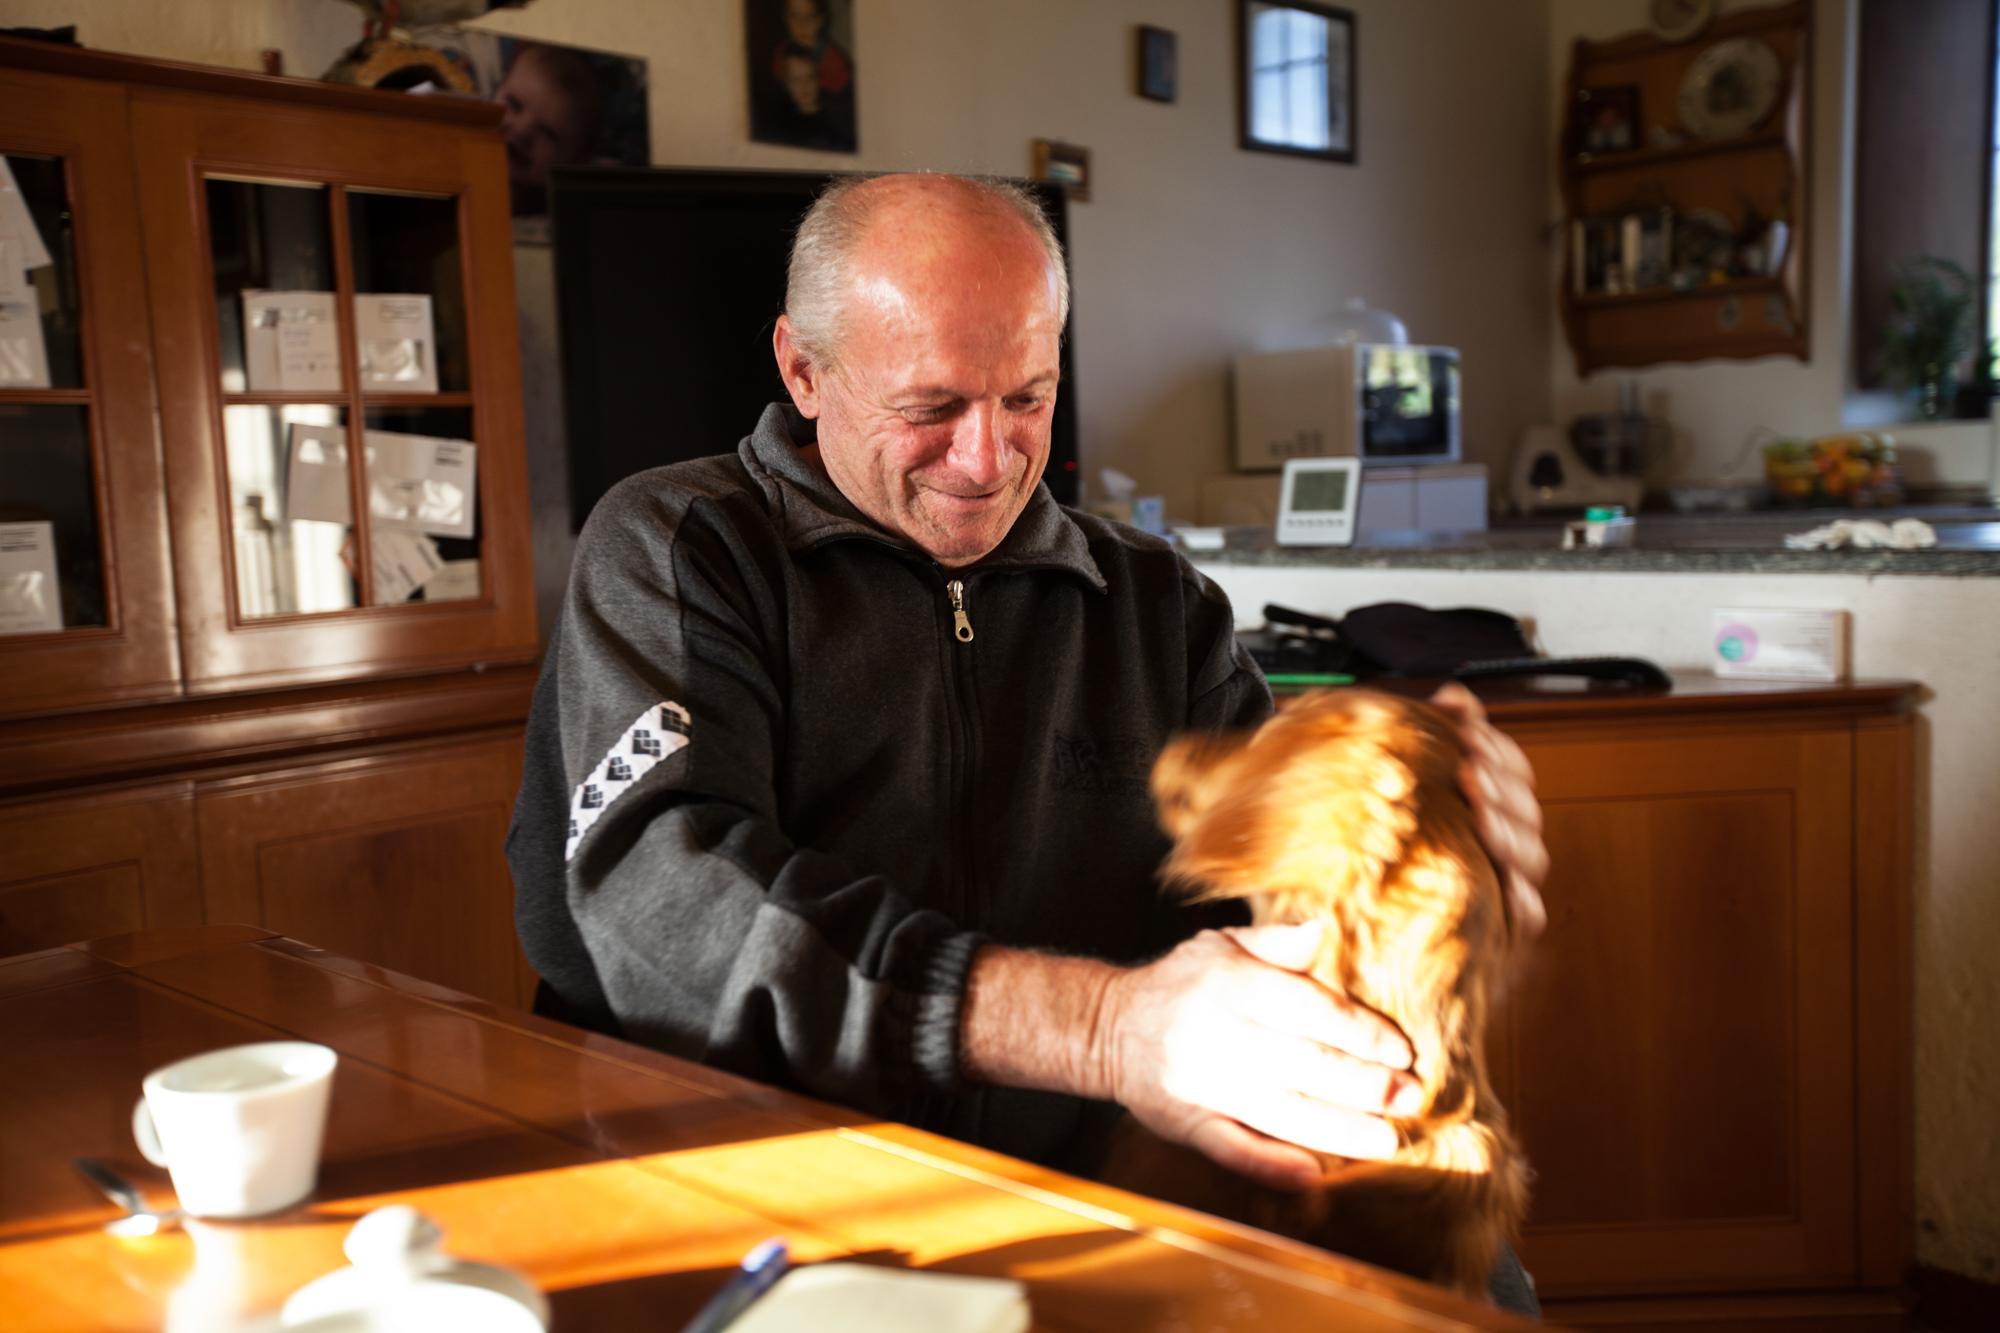 Severo Moroni, nella cucina della sua cascina. Da anni cessato l'allevamento di bestiame a causa dei troppi controlli, costi e restrizioni in seguito ai forti livelli di inquinamento del suo terreno.Brescia / Italia. Ottobre 2013